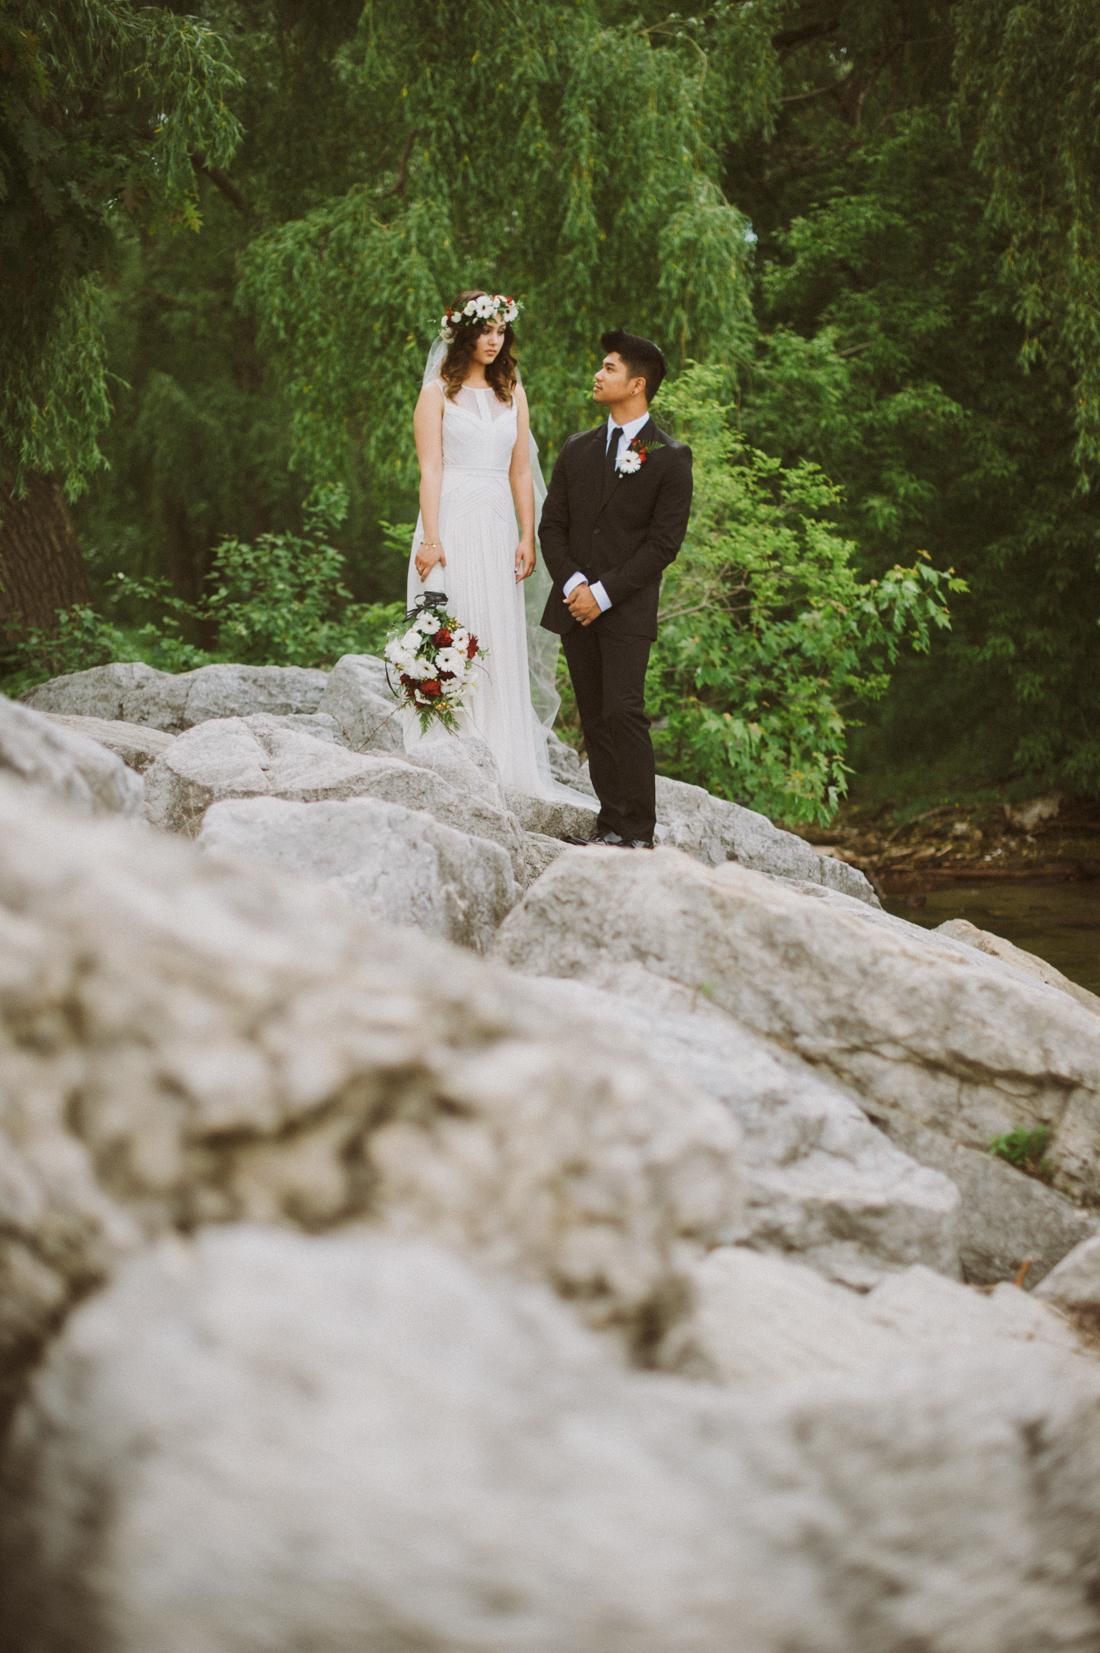 derekhui-wedding-mj-websize-353.jpg